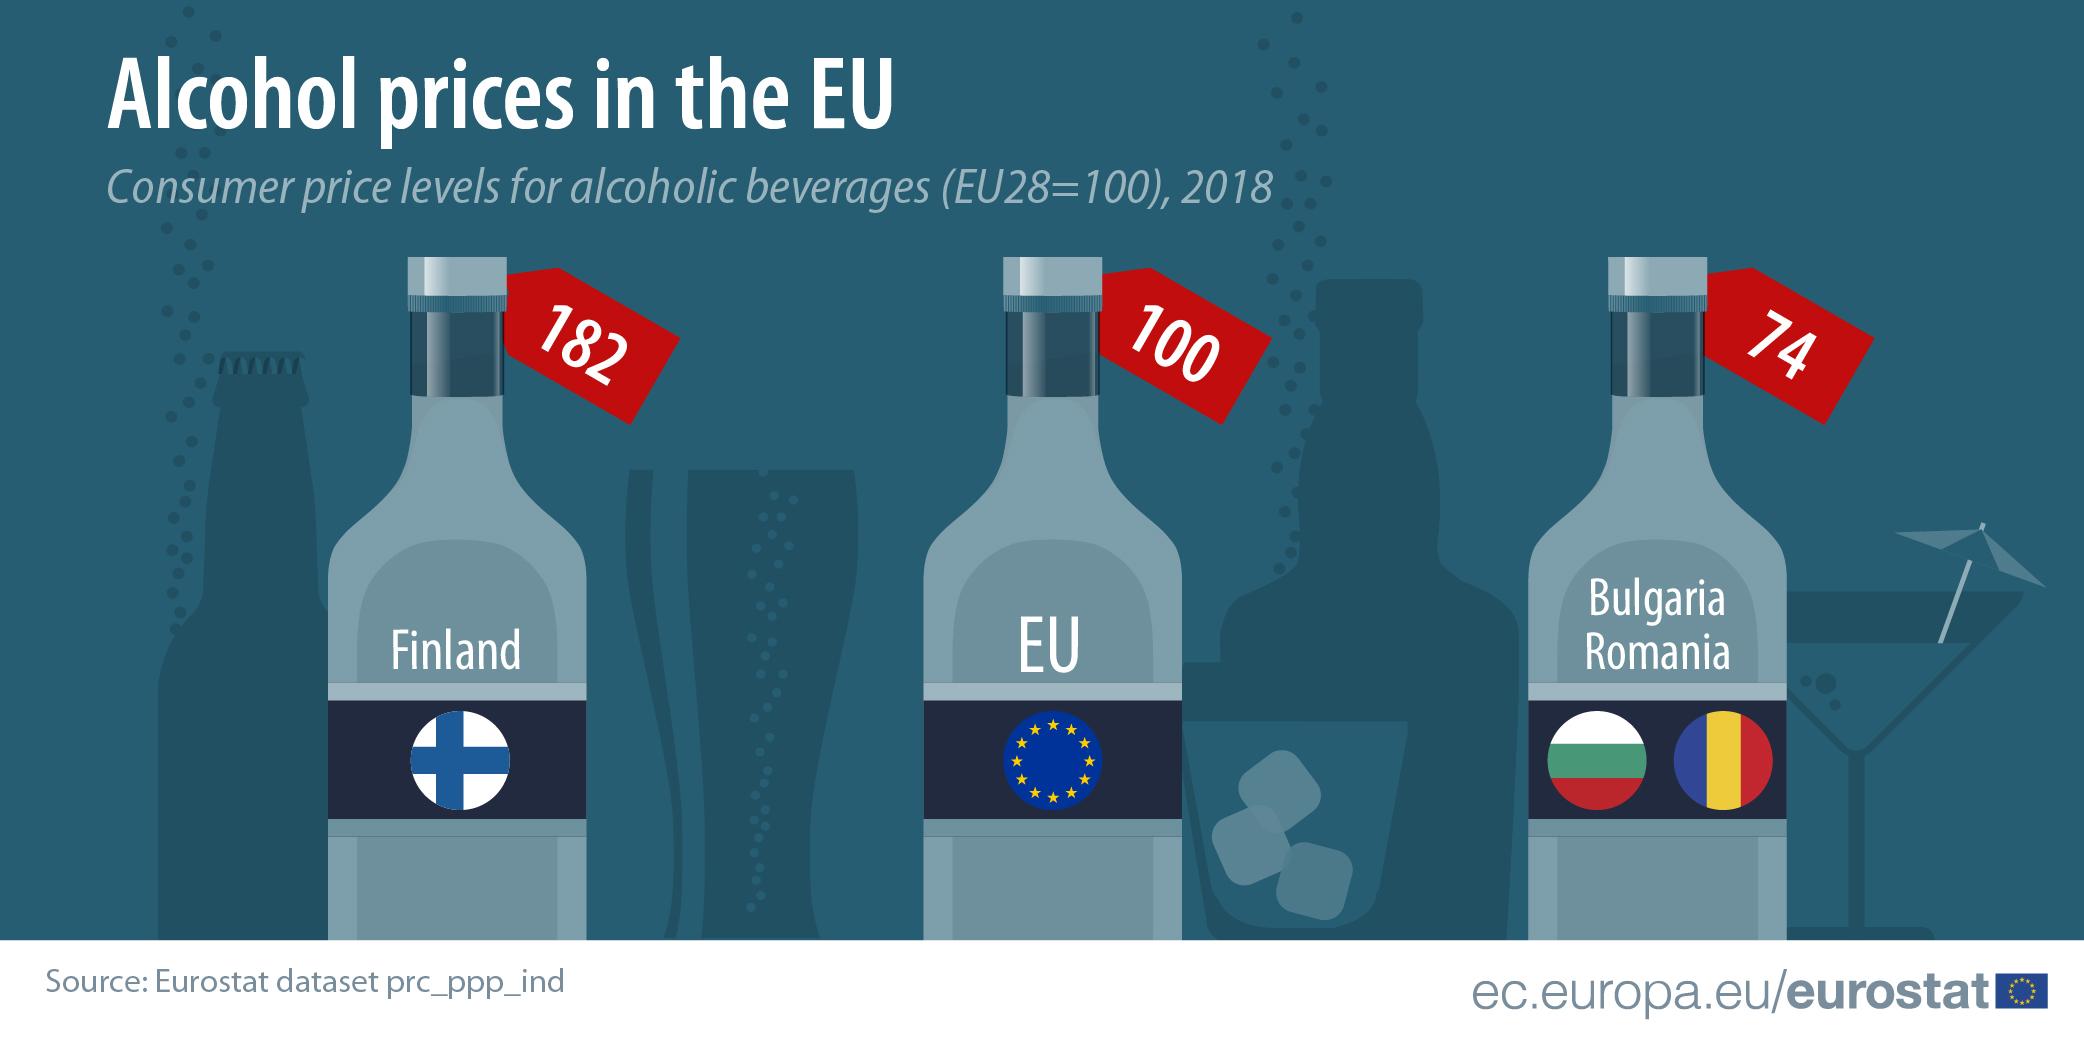 Финляндия возглавила список стран ЕС с самым дорогим алкоголем (Иллюстрация 2 из 2) (Фото: Eurostat)